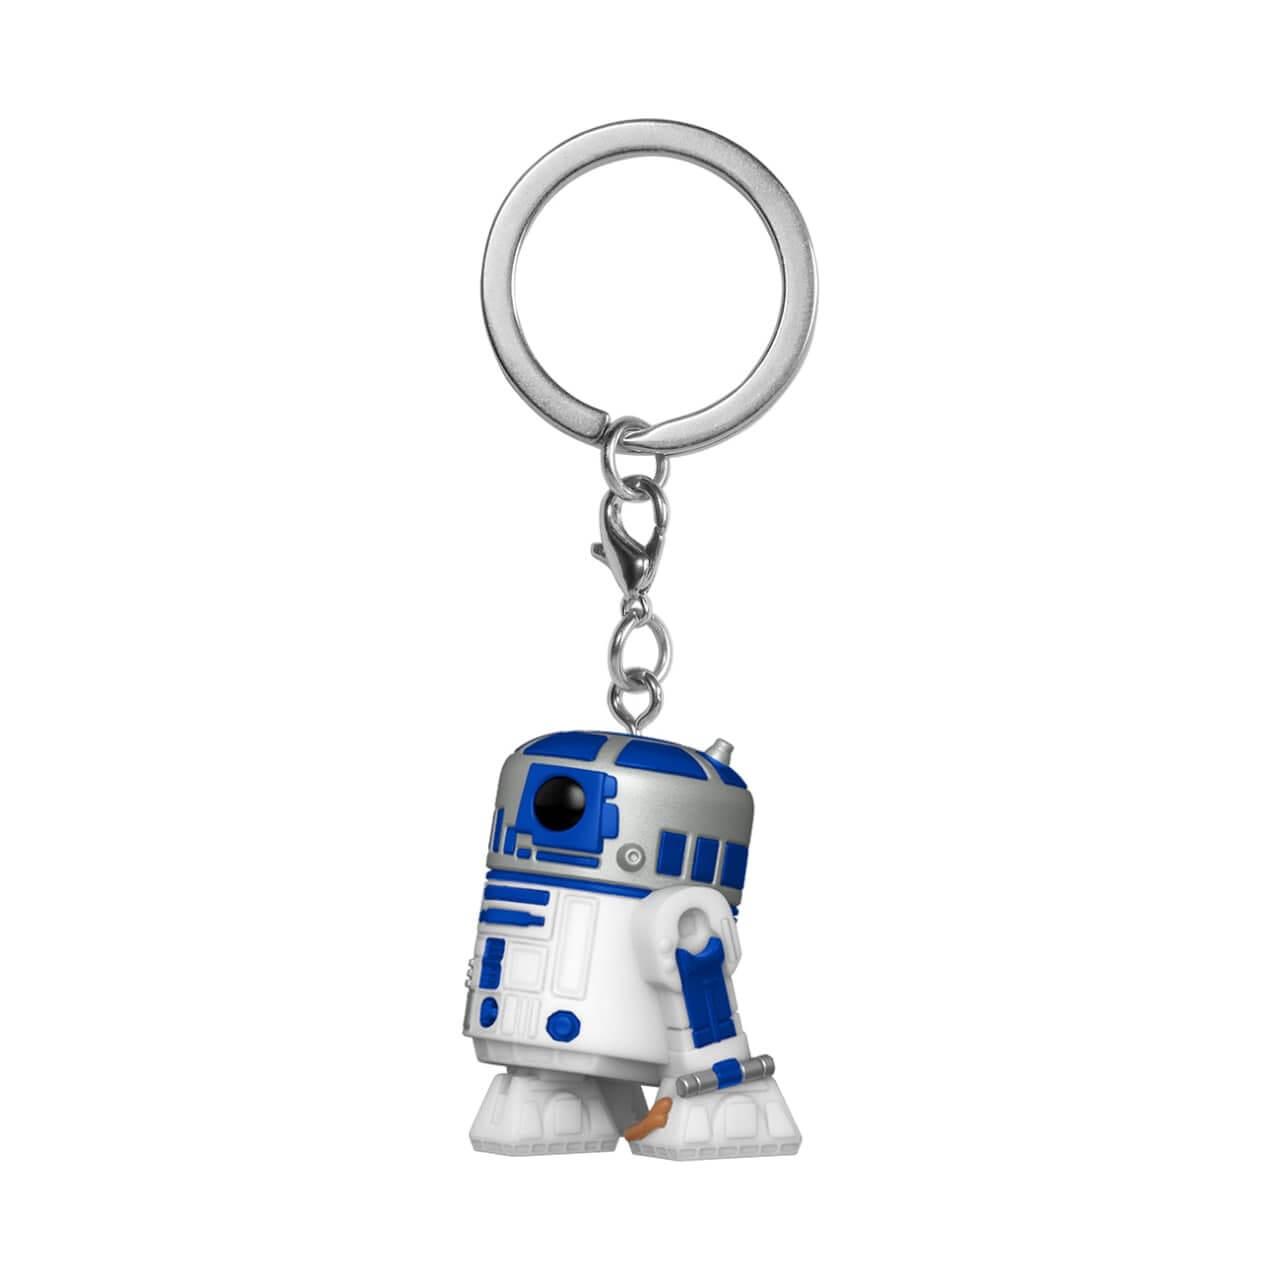 Star Wars R2-D2 Pop! Keychain